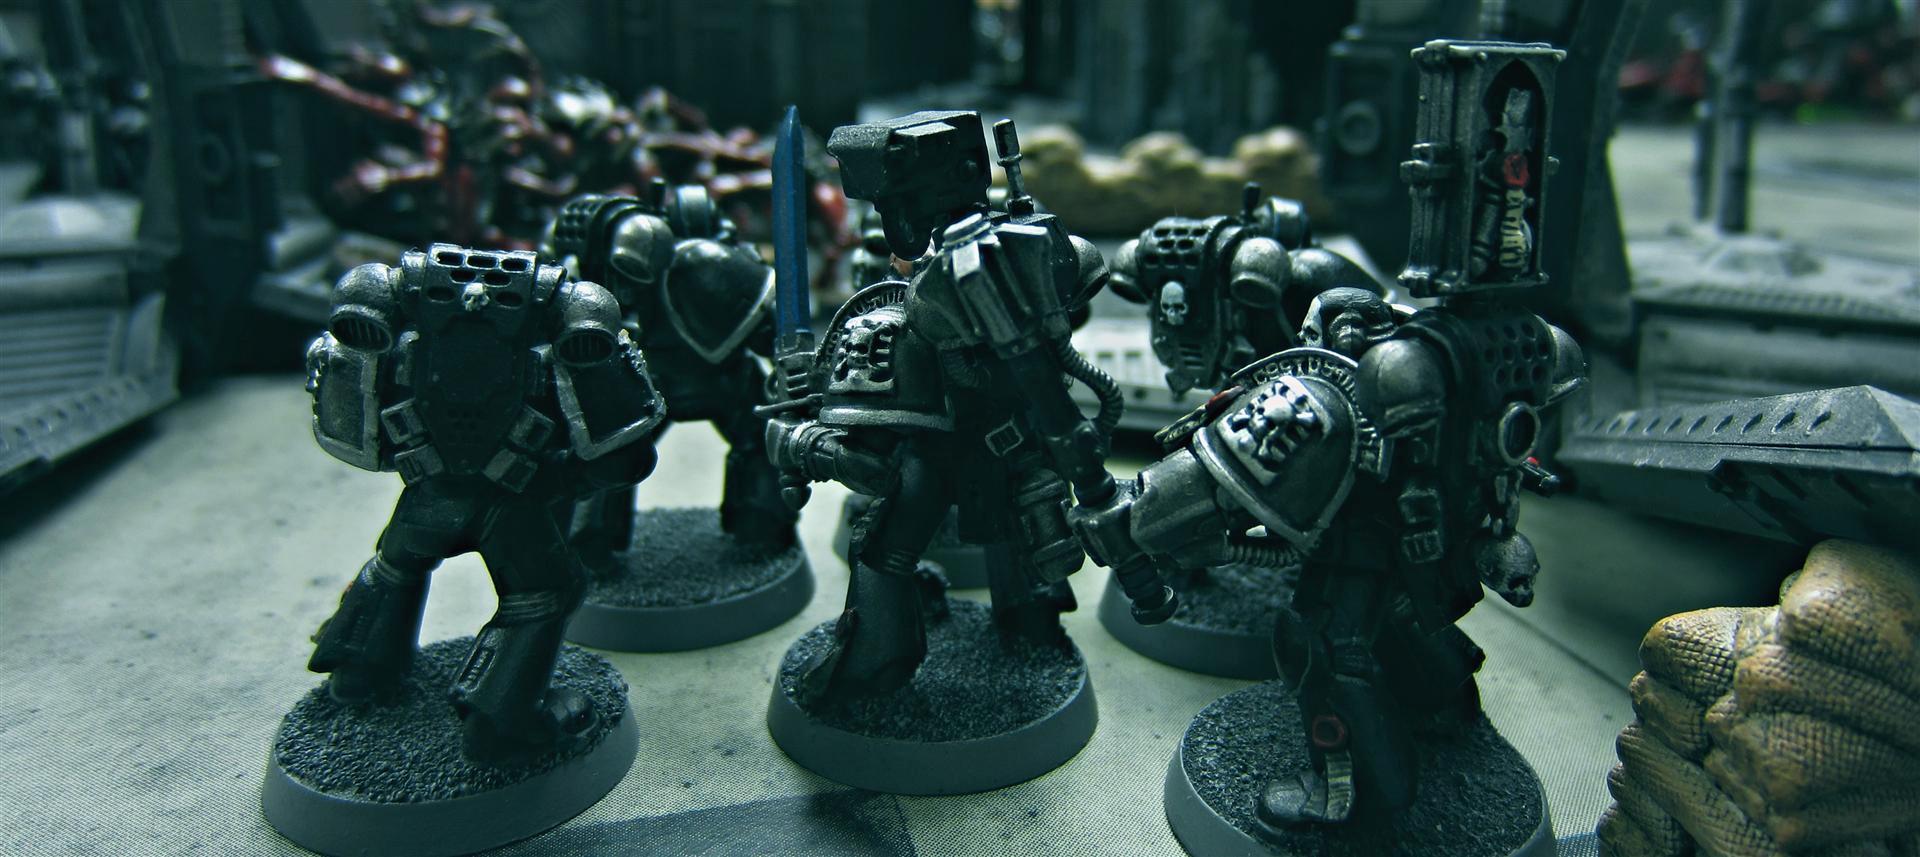 Alien Hunter, Alien Hunters, Black Shields, Blackshields, Cassius, Chaplain, Death Watch, Deathwatch, Inquisition, Inquisitorial, Kill Team, Killteam, Nids, Space Marines, Warhammer 40,000